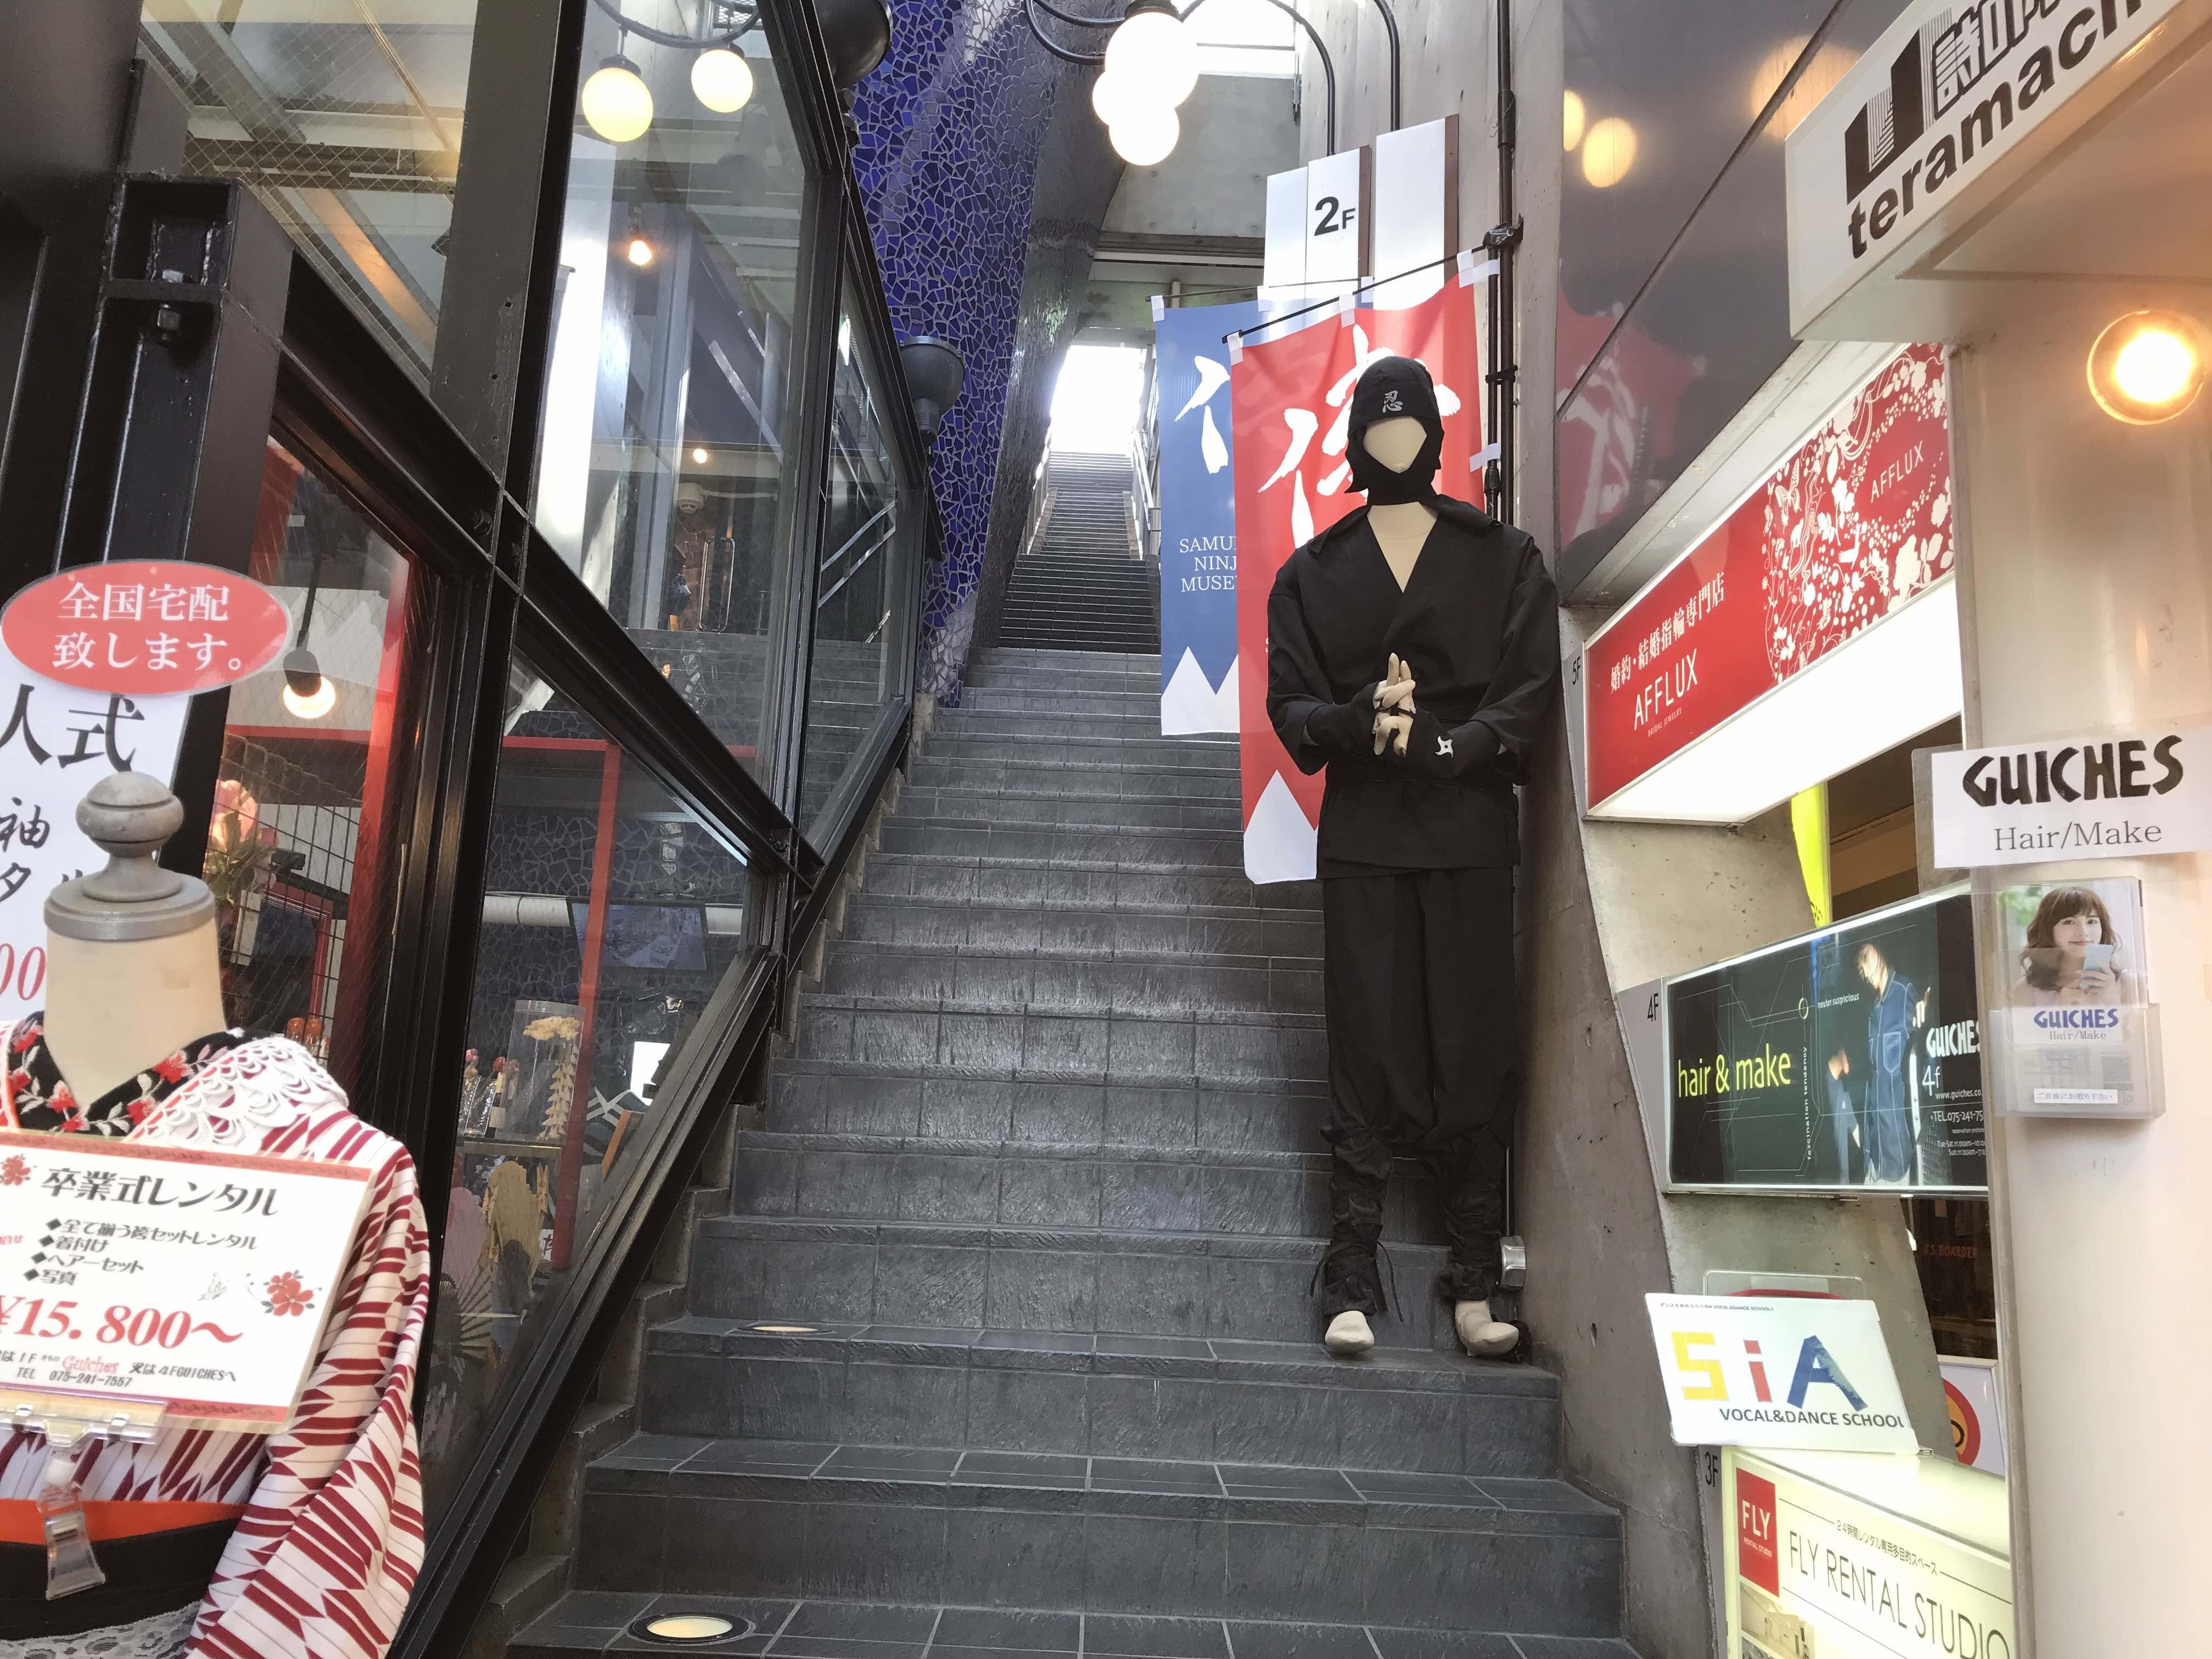 フェイスゴスペル京都スタジオ階段京都らしく忍者がいます